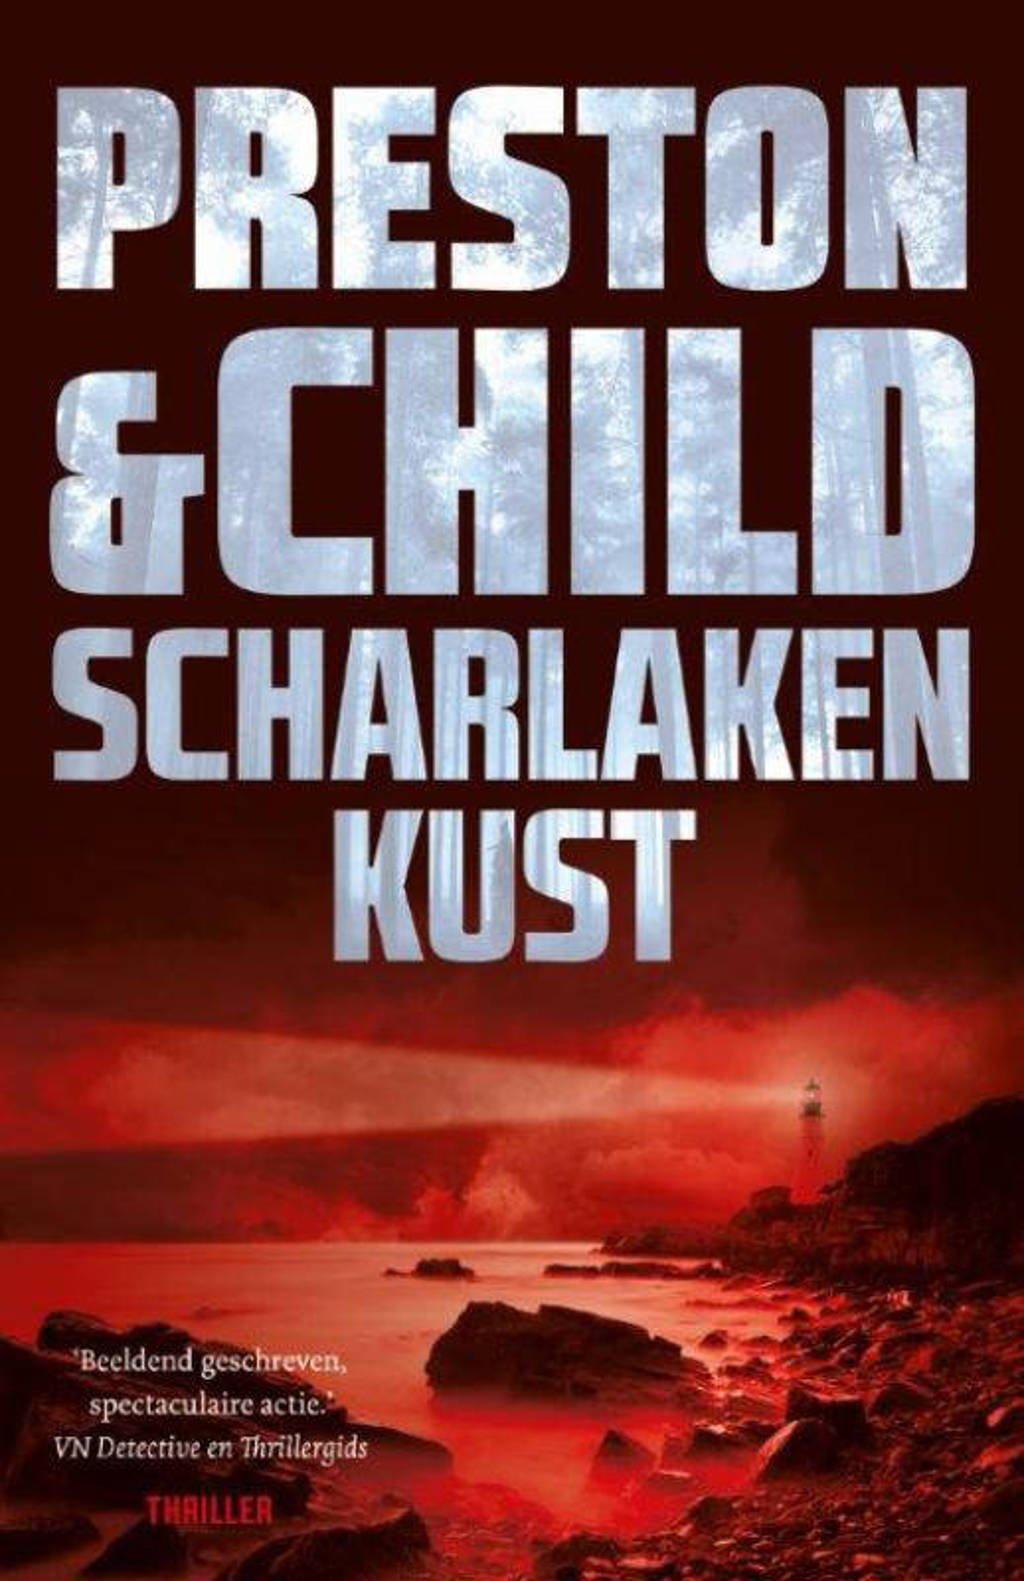 Pendergast thriller: Scharlaken kust - Preston & Child